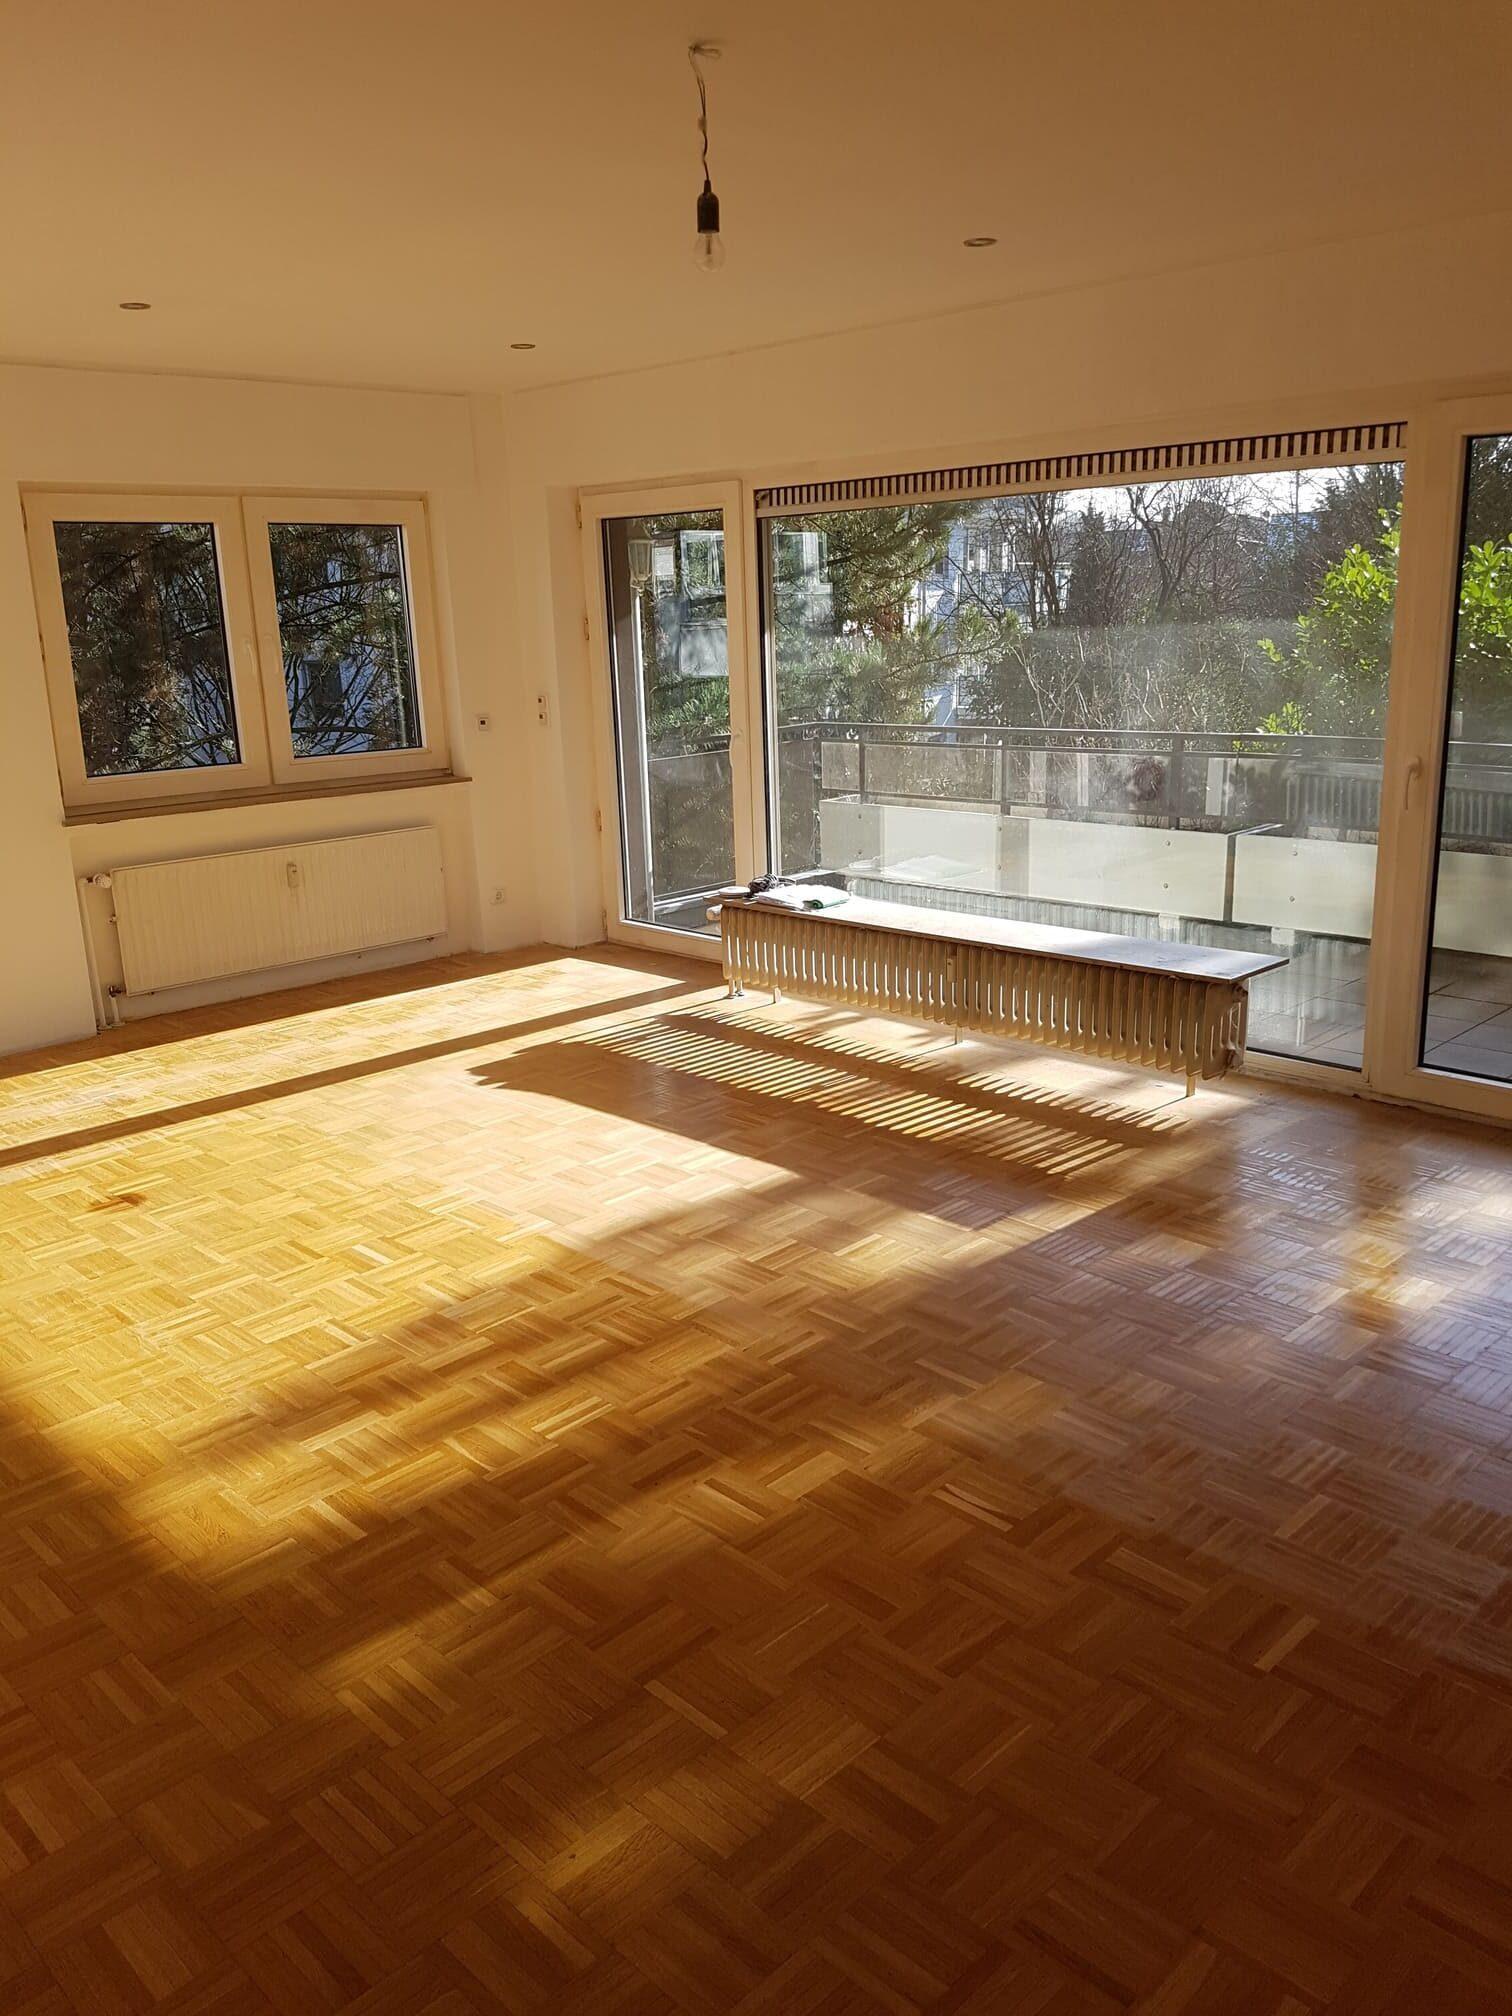 ETW, Essen, Komplettsanierung + Wohnraumanpassung